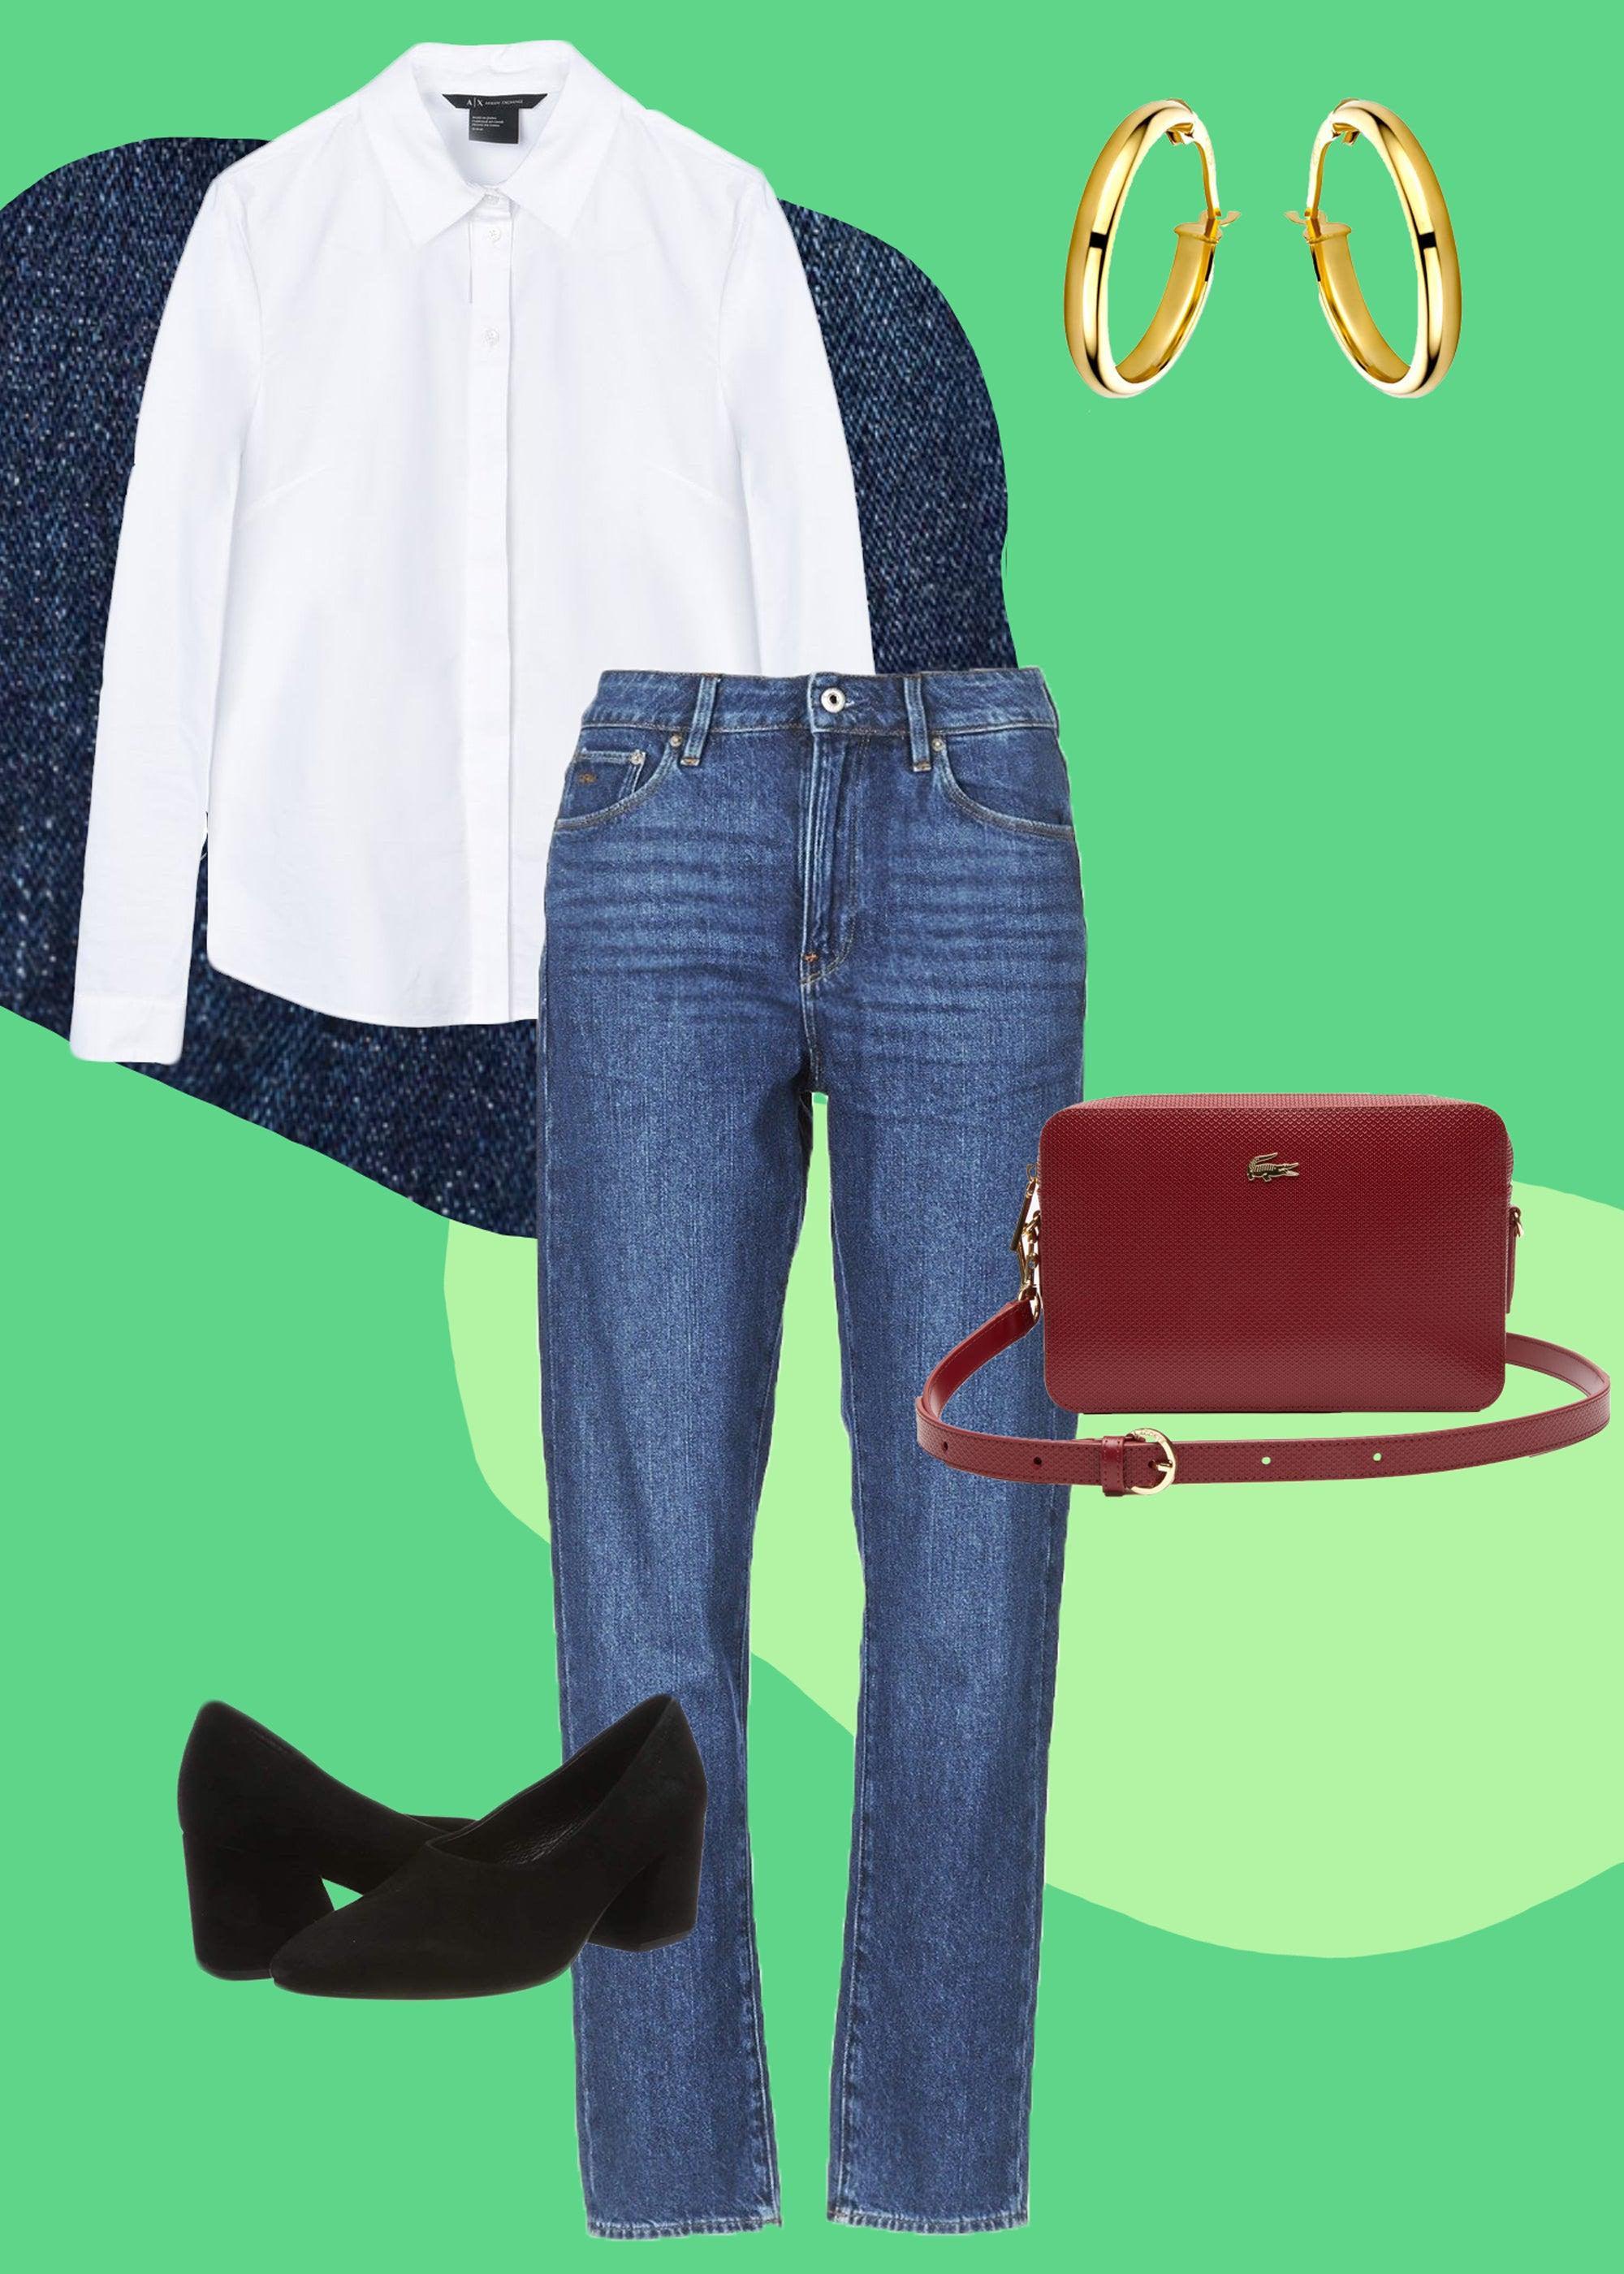 Our Amazon Fashion Denim Picks